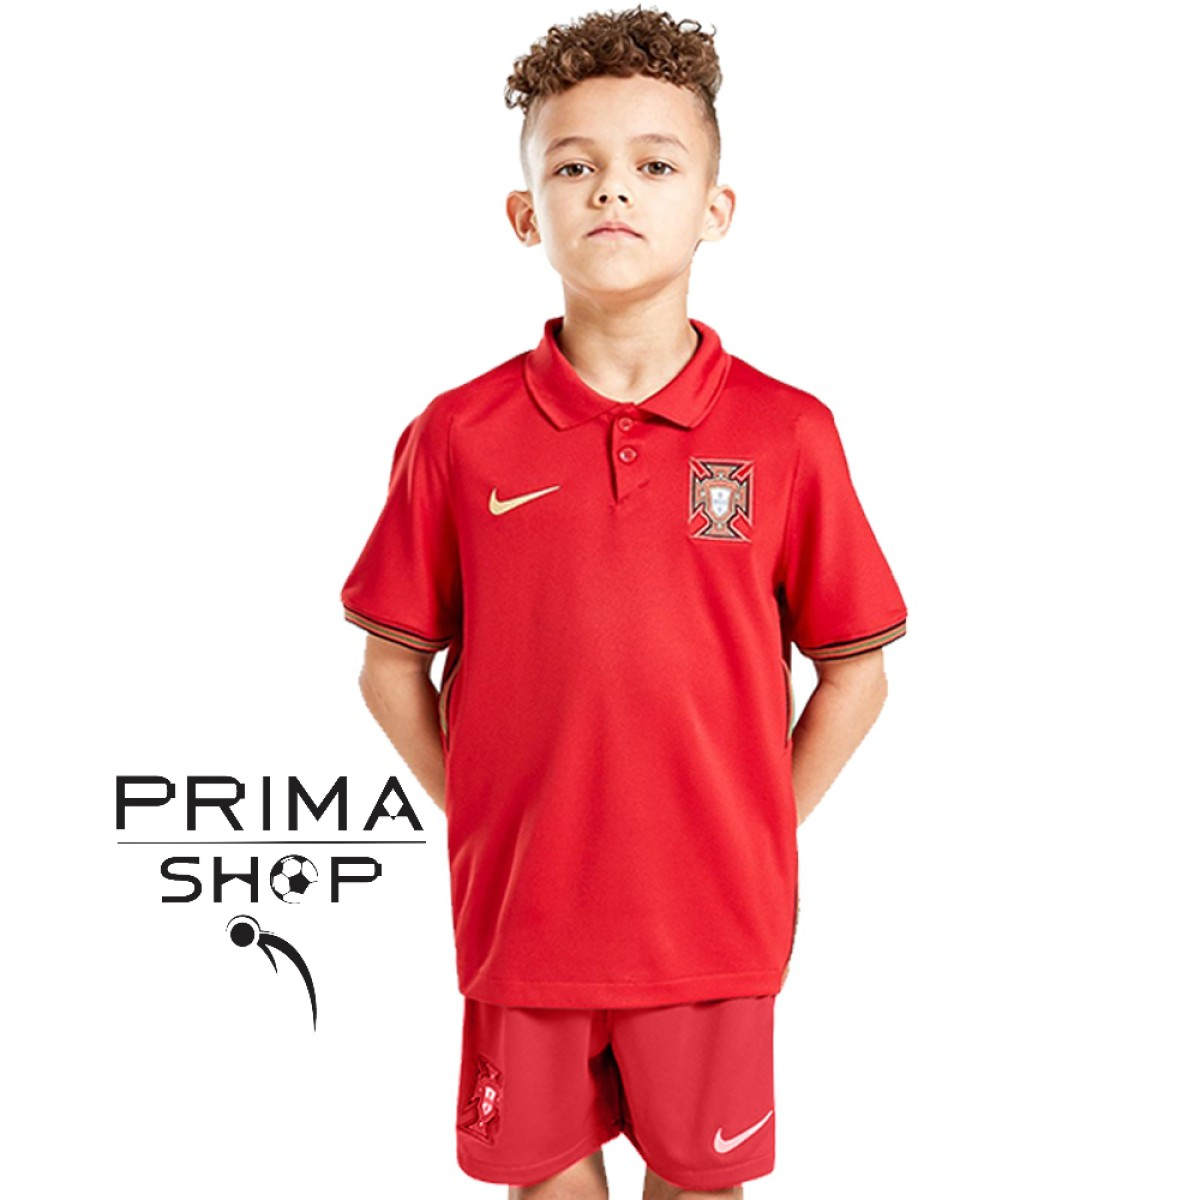 لباس بچه گانه تیم ملی پرتغال 2020 | پیراهن شورت بچه گانه پرتغال